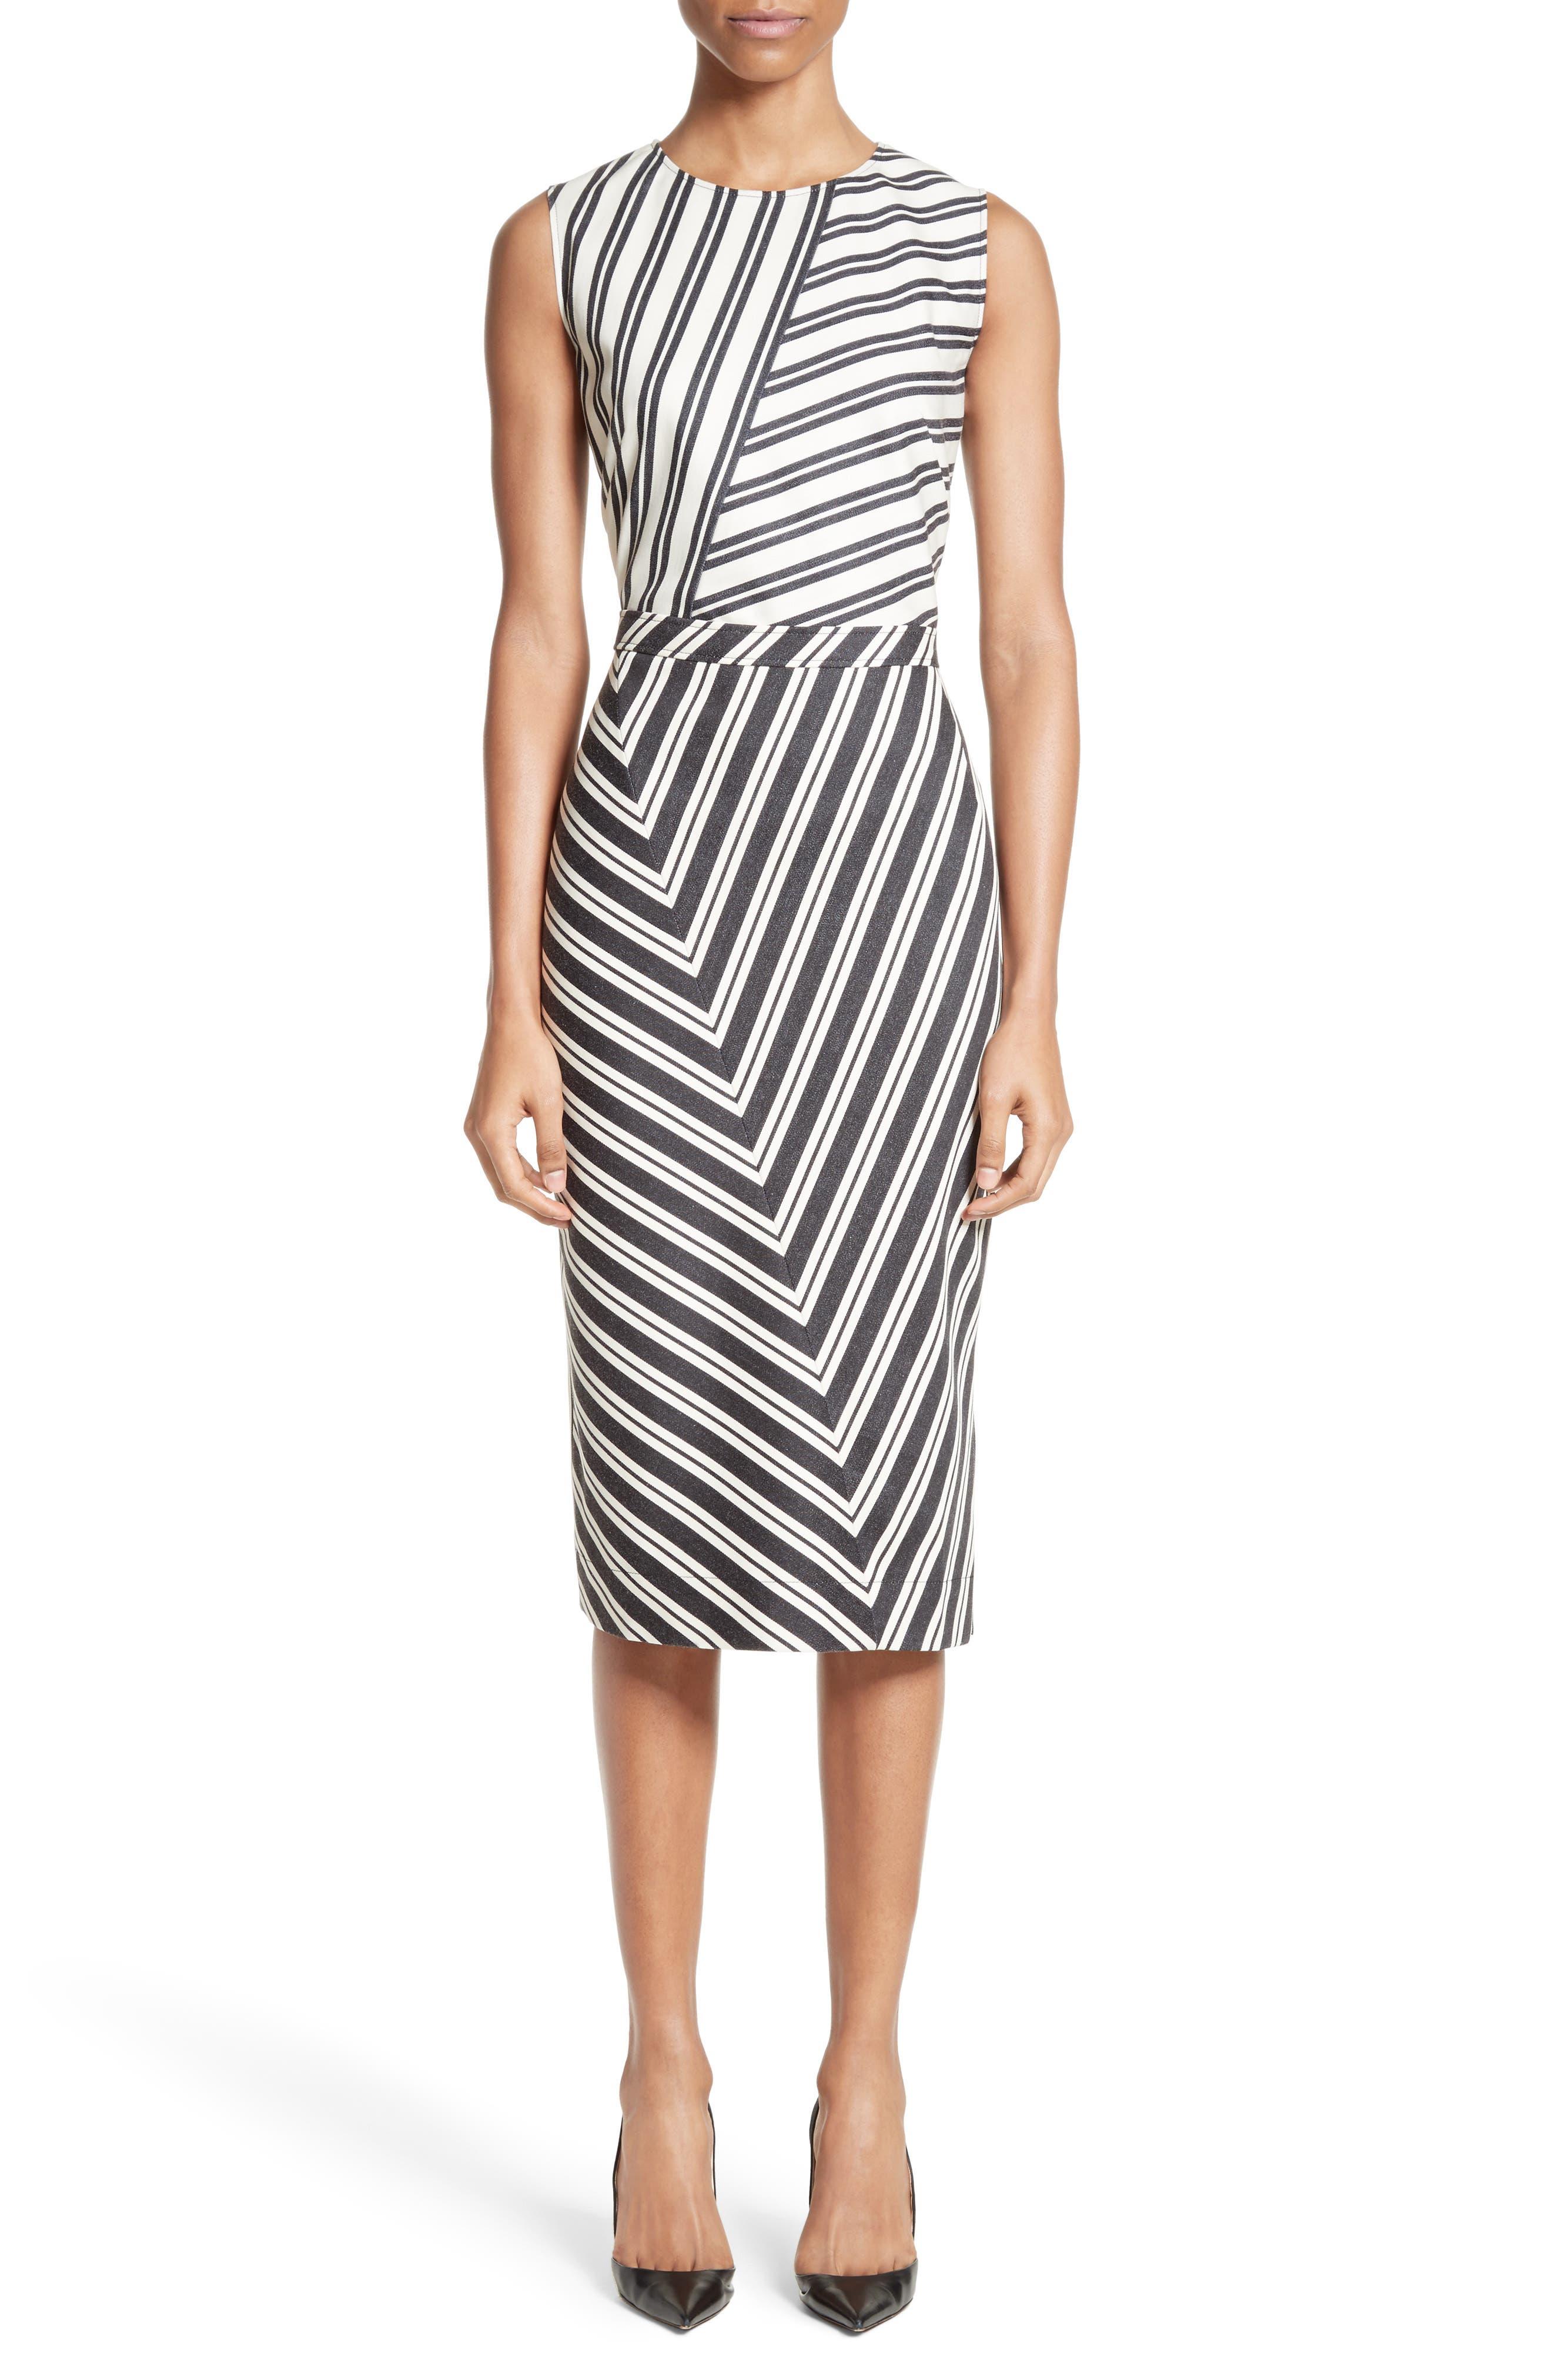 Altuzzara Desdemona Stripe Stretch Wool & Cotton Sheath Dress